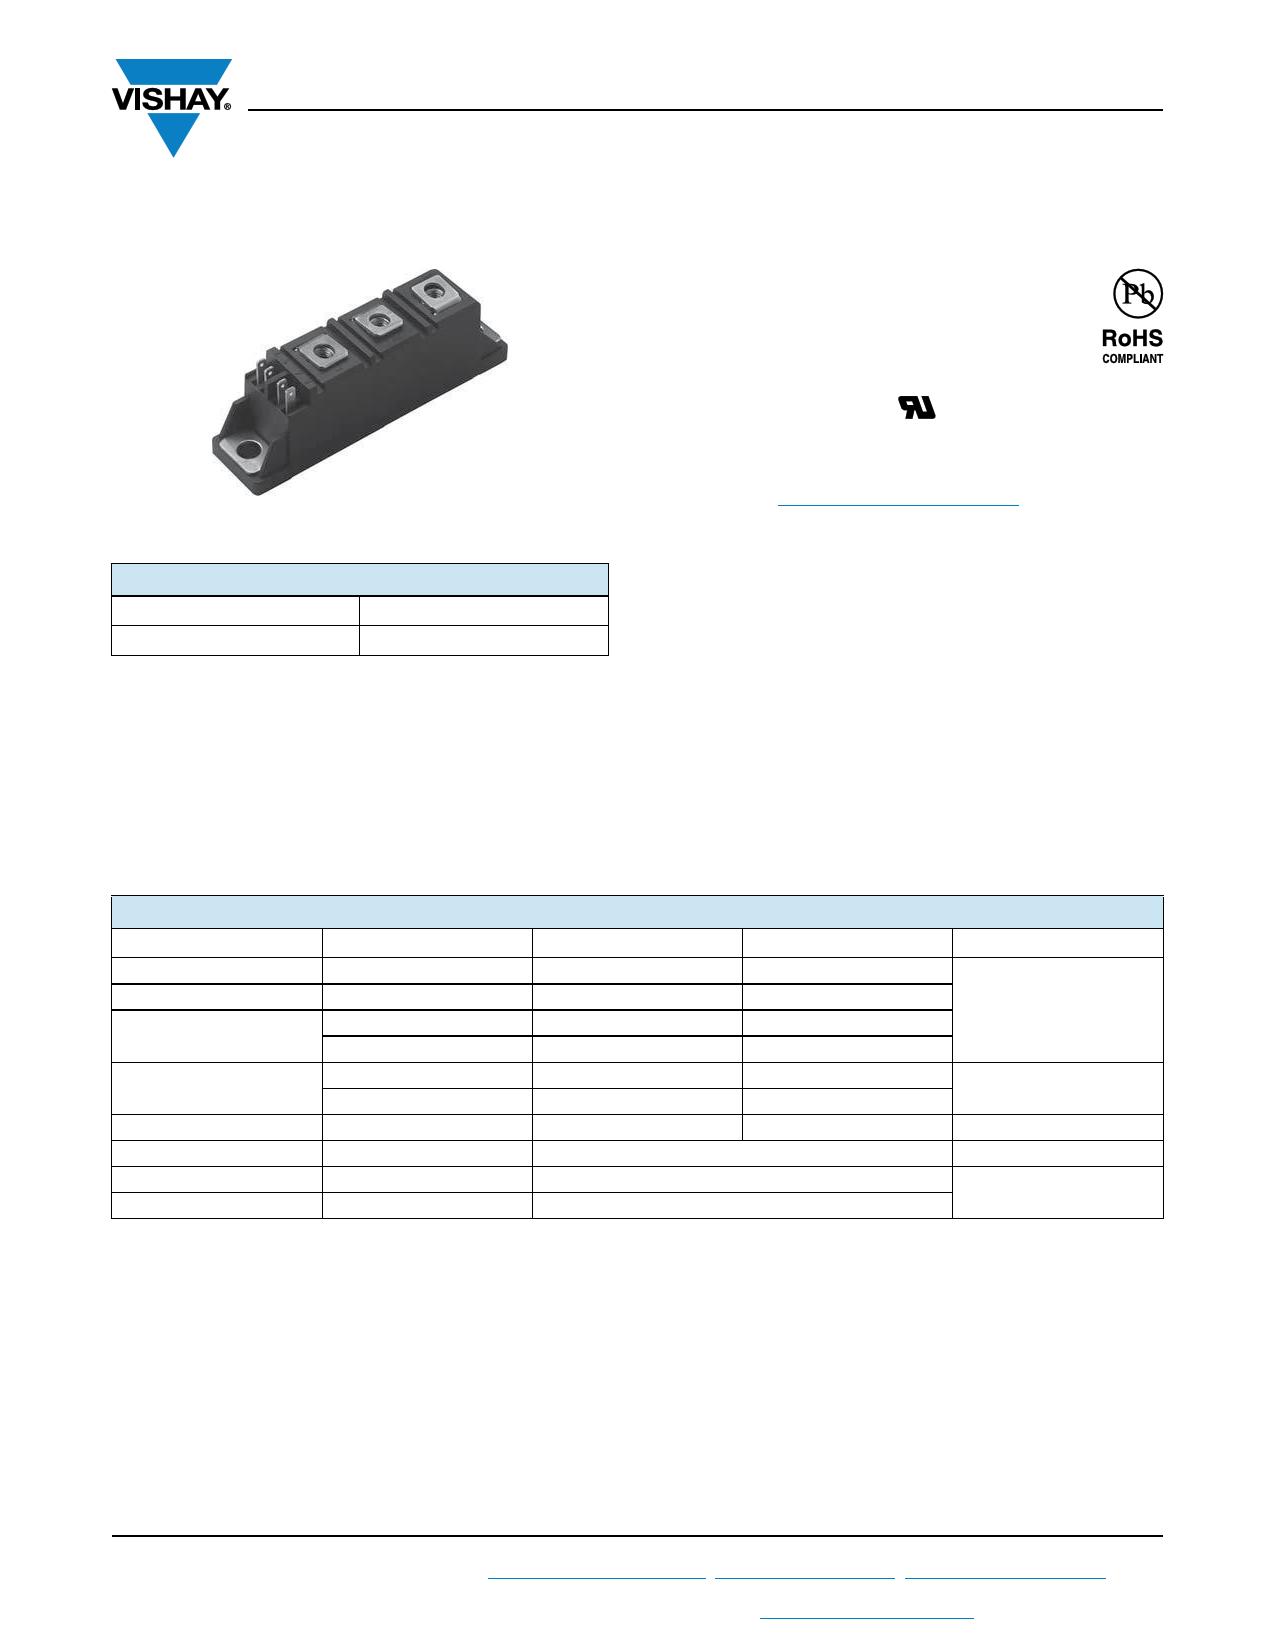 VSKT42-14P Datasheet, VSKT42-14P PDF,ピン配置, 機能